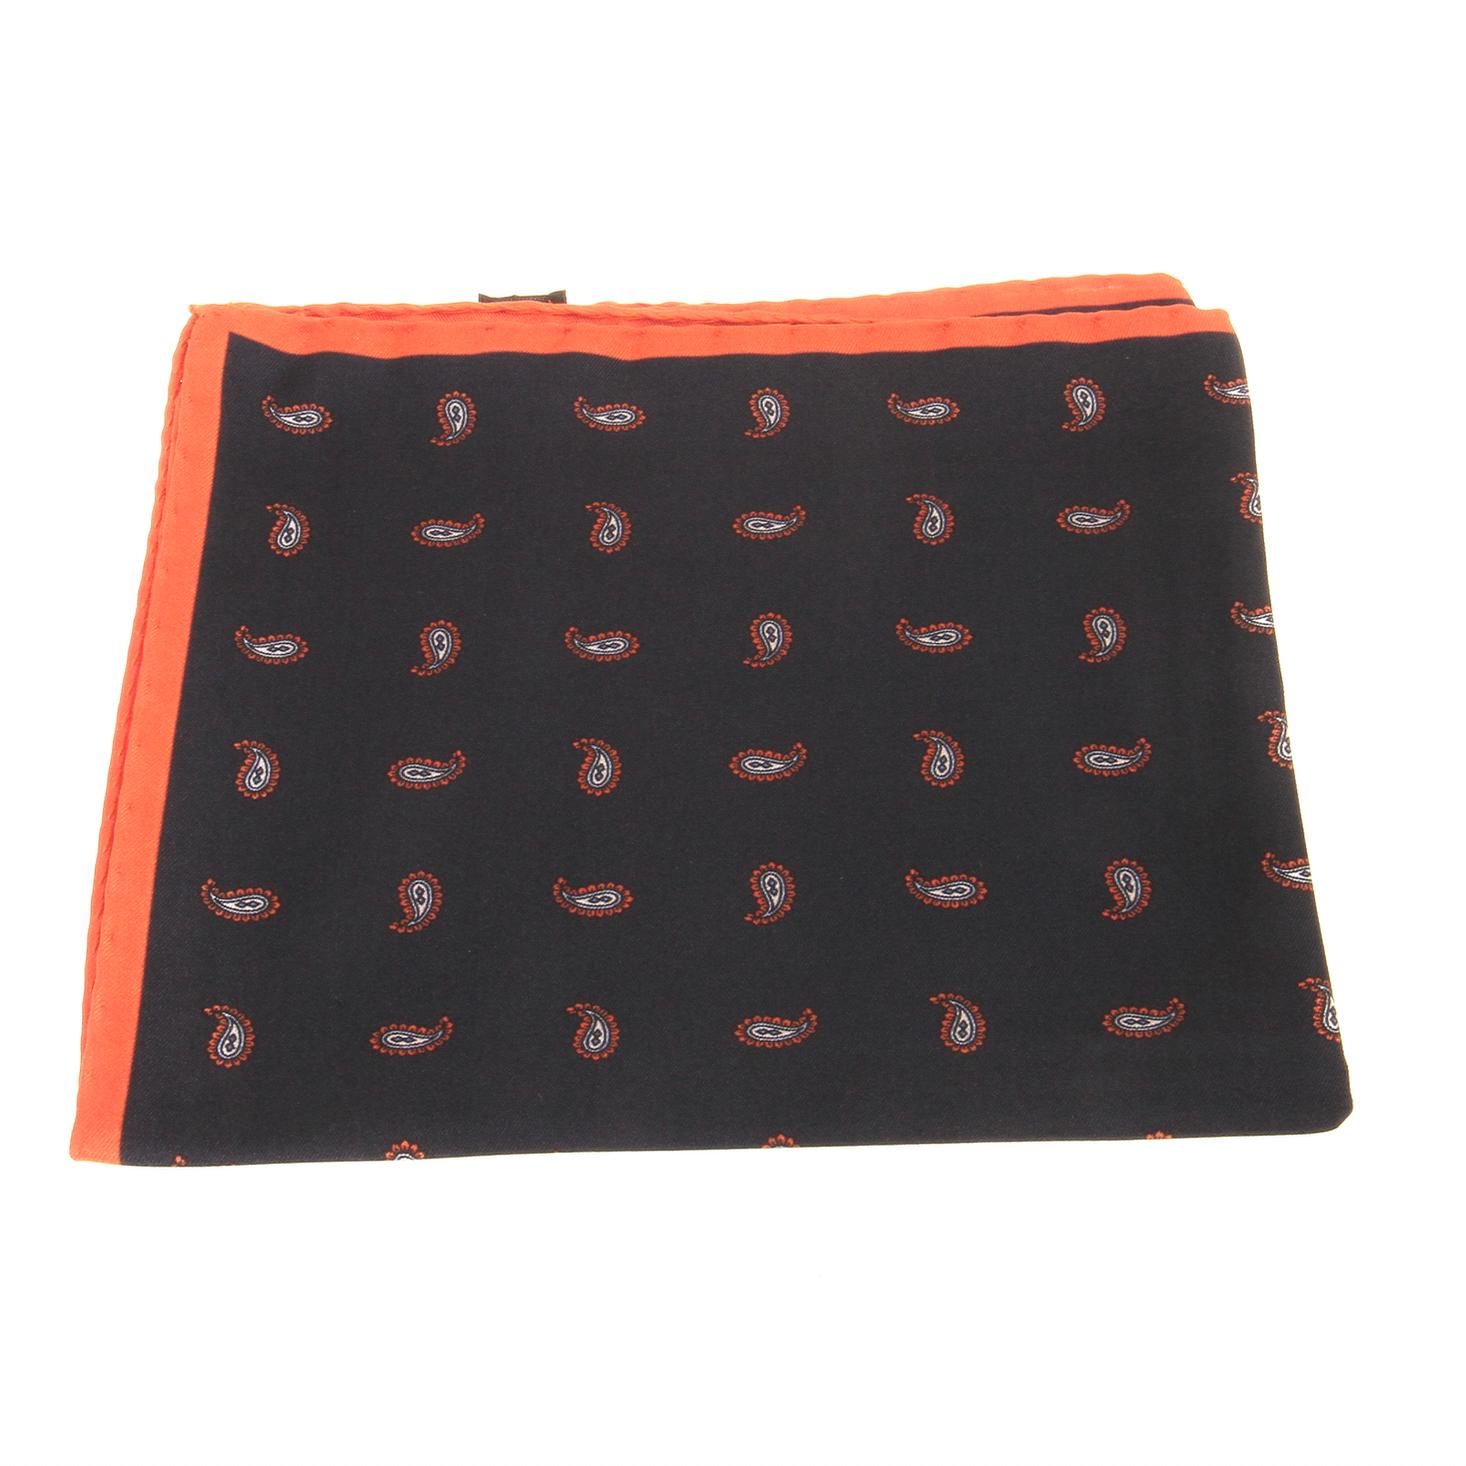 Pochette : Marine - Motifs oranges (Pochettes)